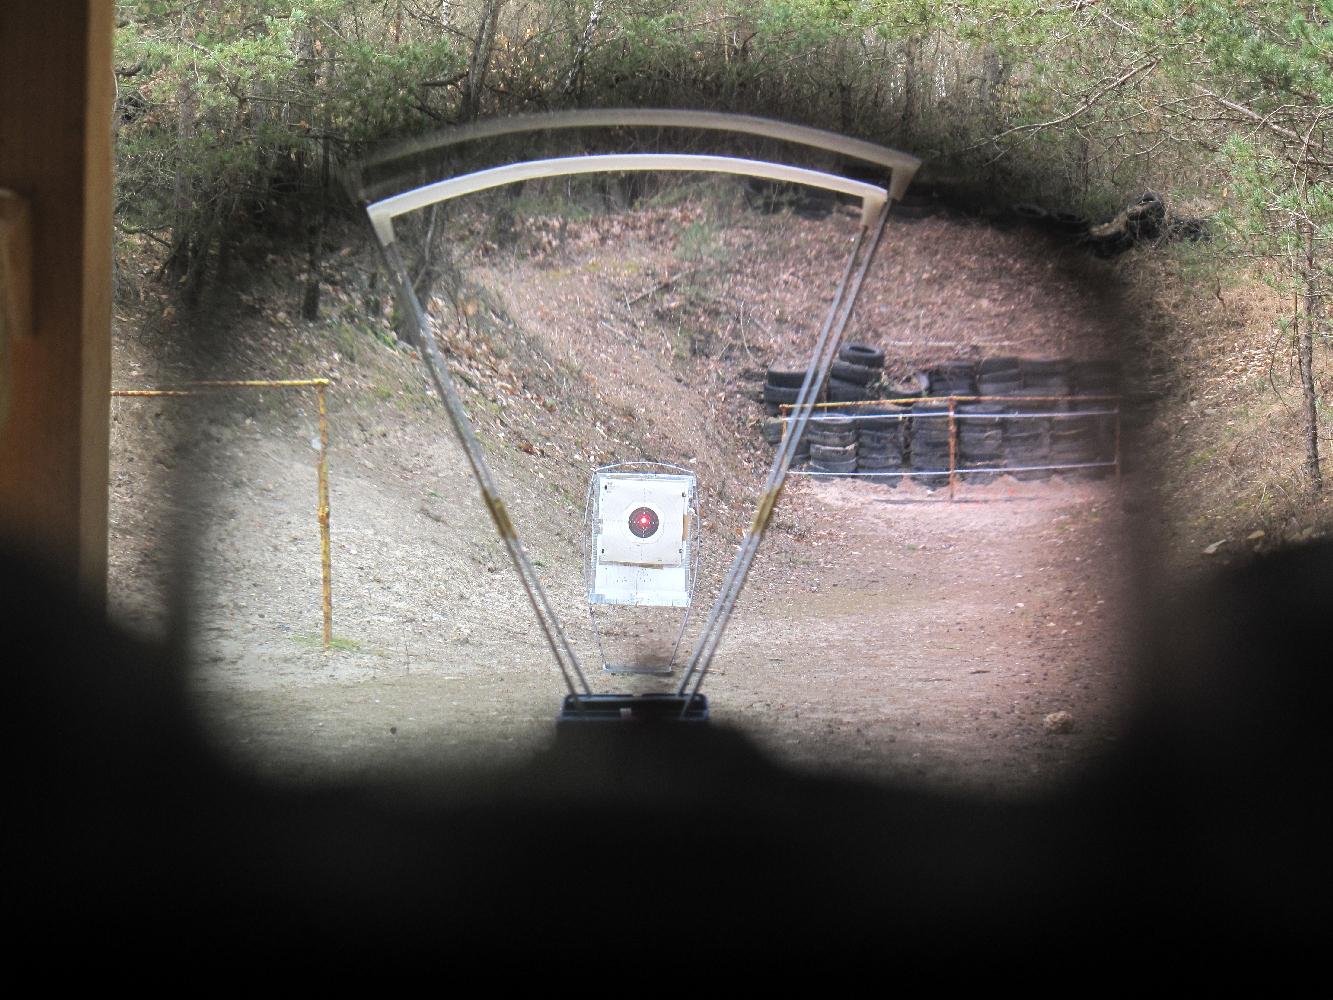 Le point rouge, qui est simplement projeté par le rayon laser sur la lentille du microviseur reflex, apparaît aux yeux du tireur sur le même plan focal que la cible, lui donnant l'impression qu'il utilise un pointeur laser capable d'émettre à grande distance.